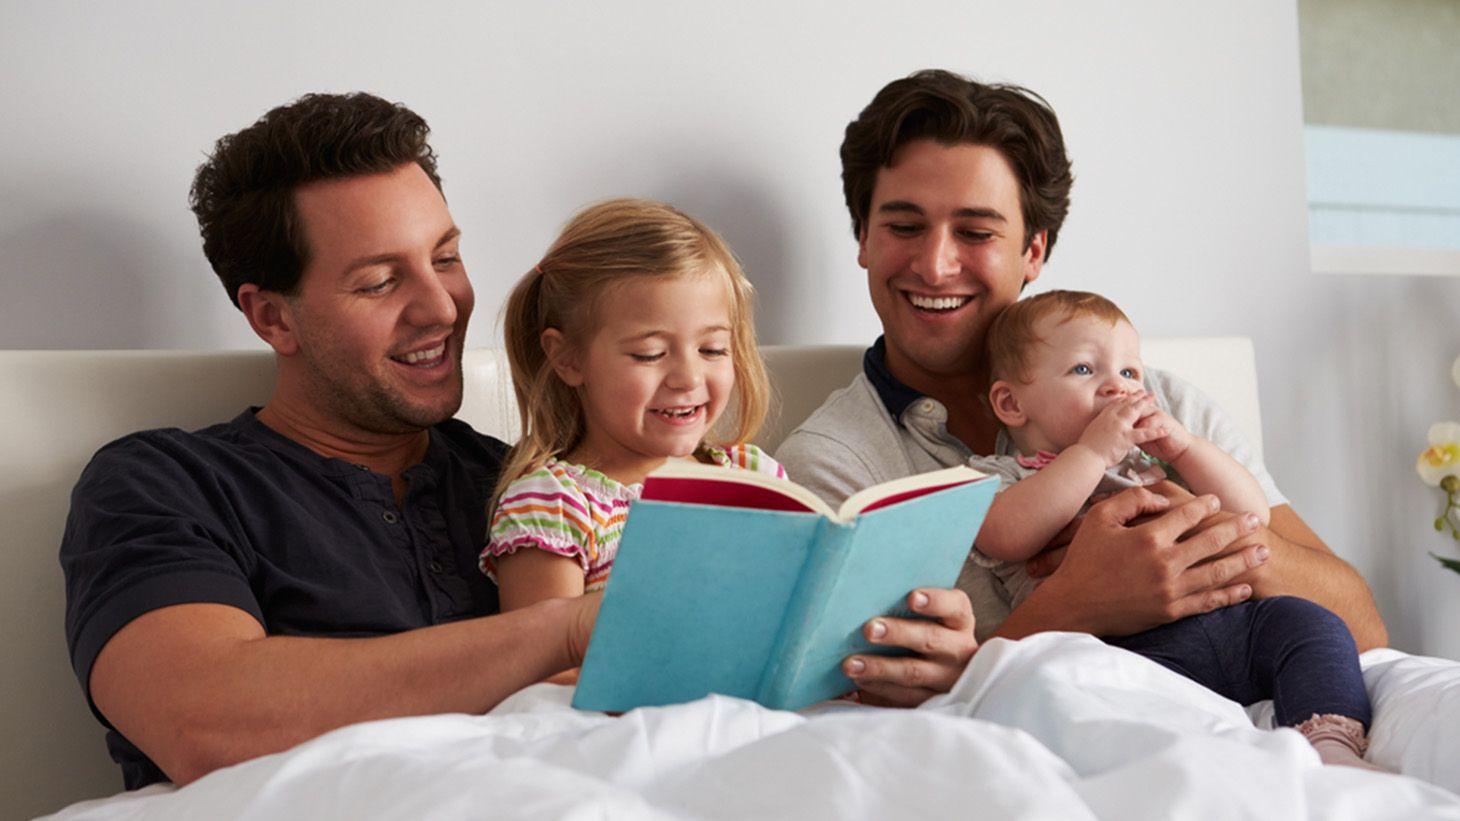 Estudo conclui que filhos de casais gays se saem melhor nas escolas